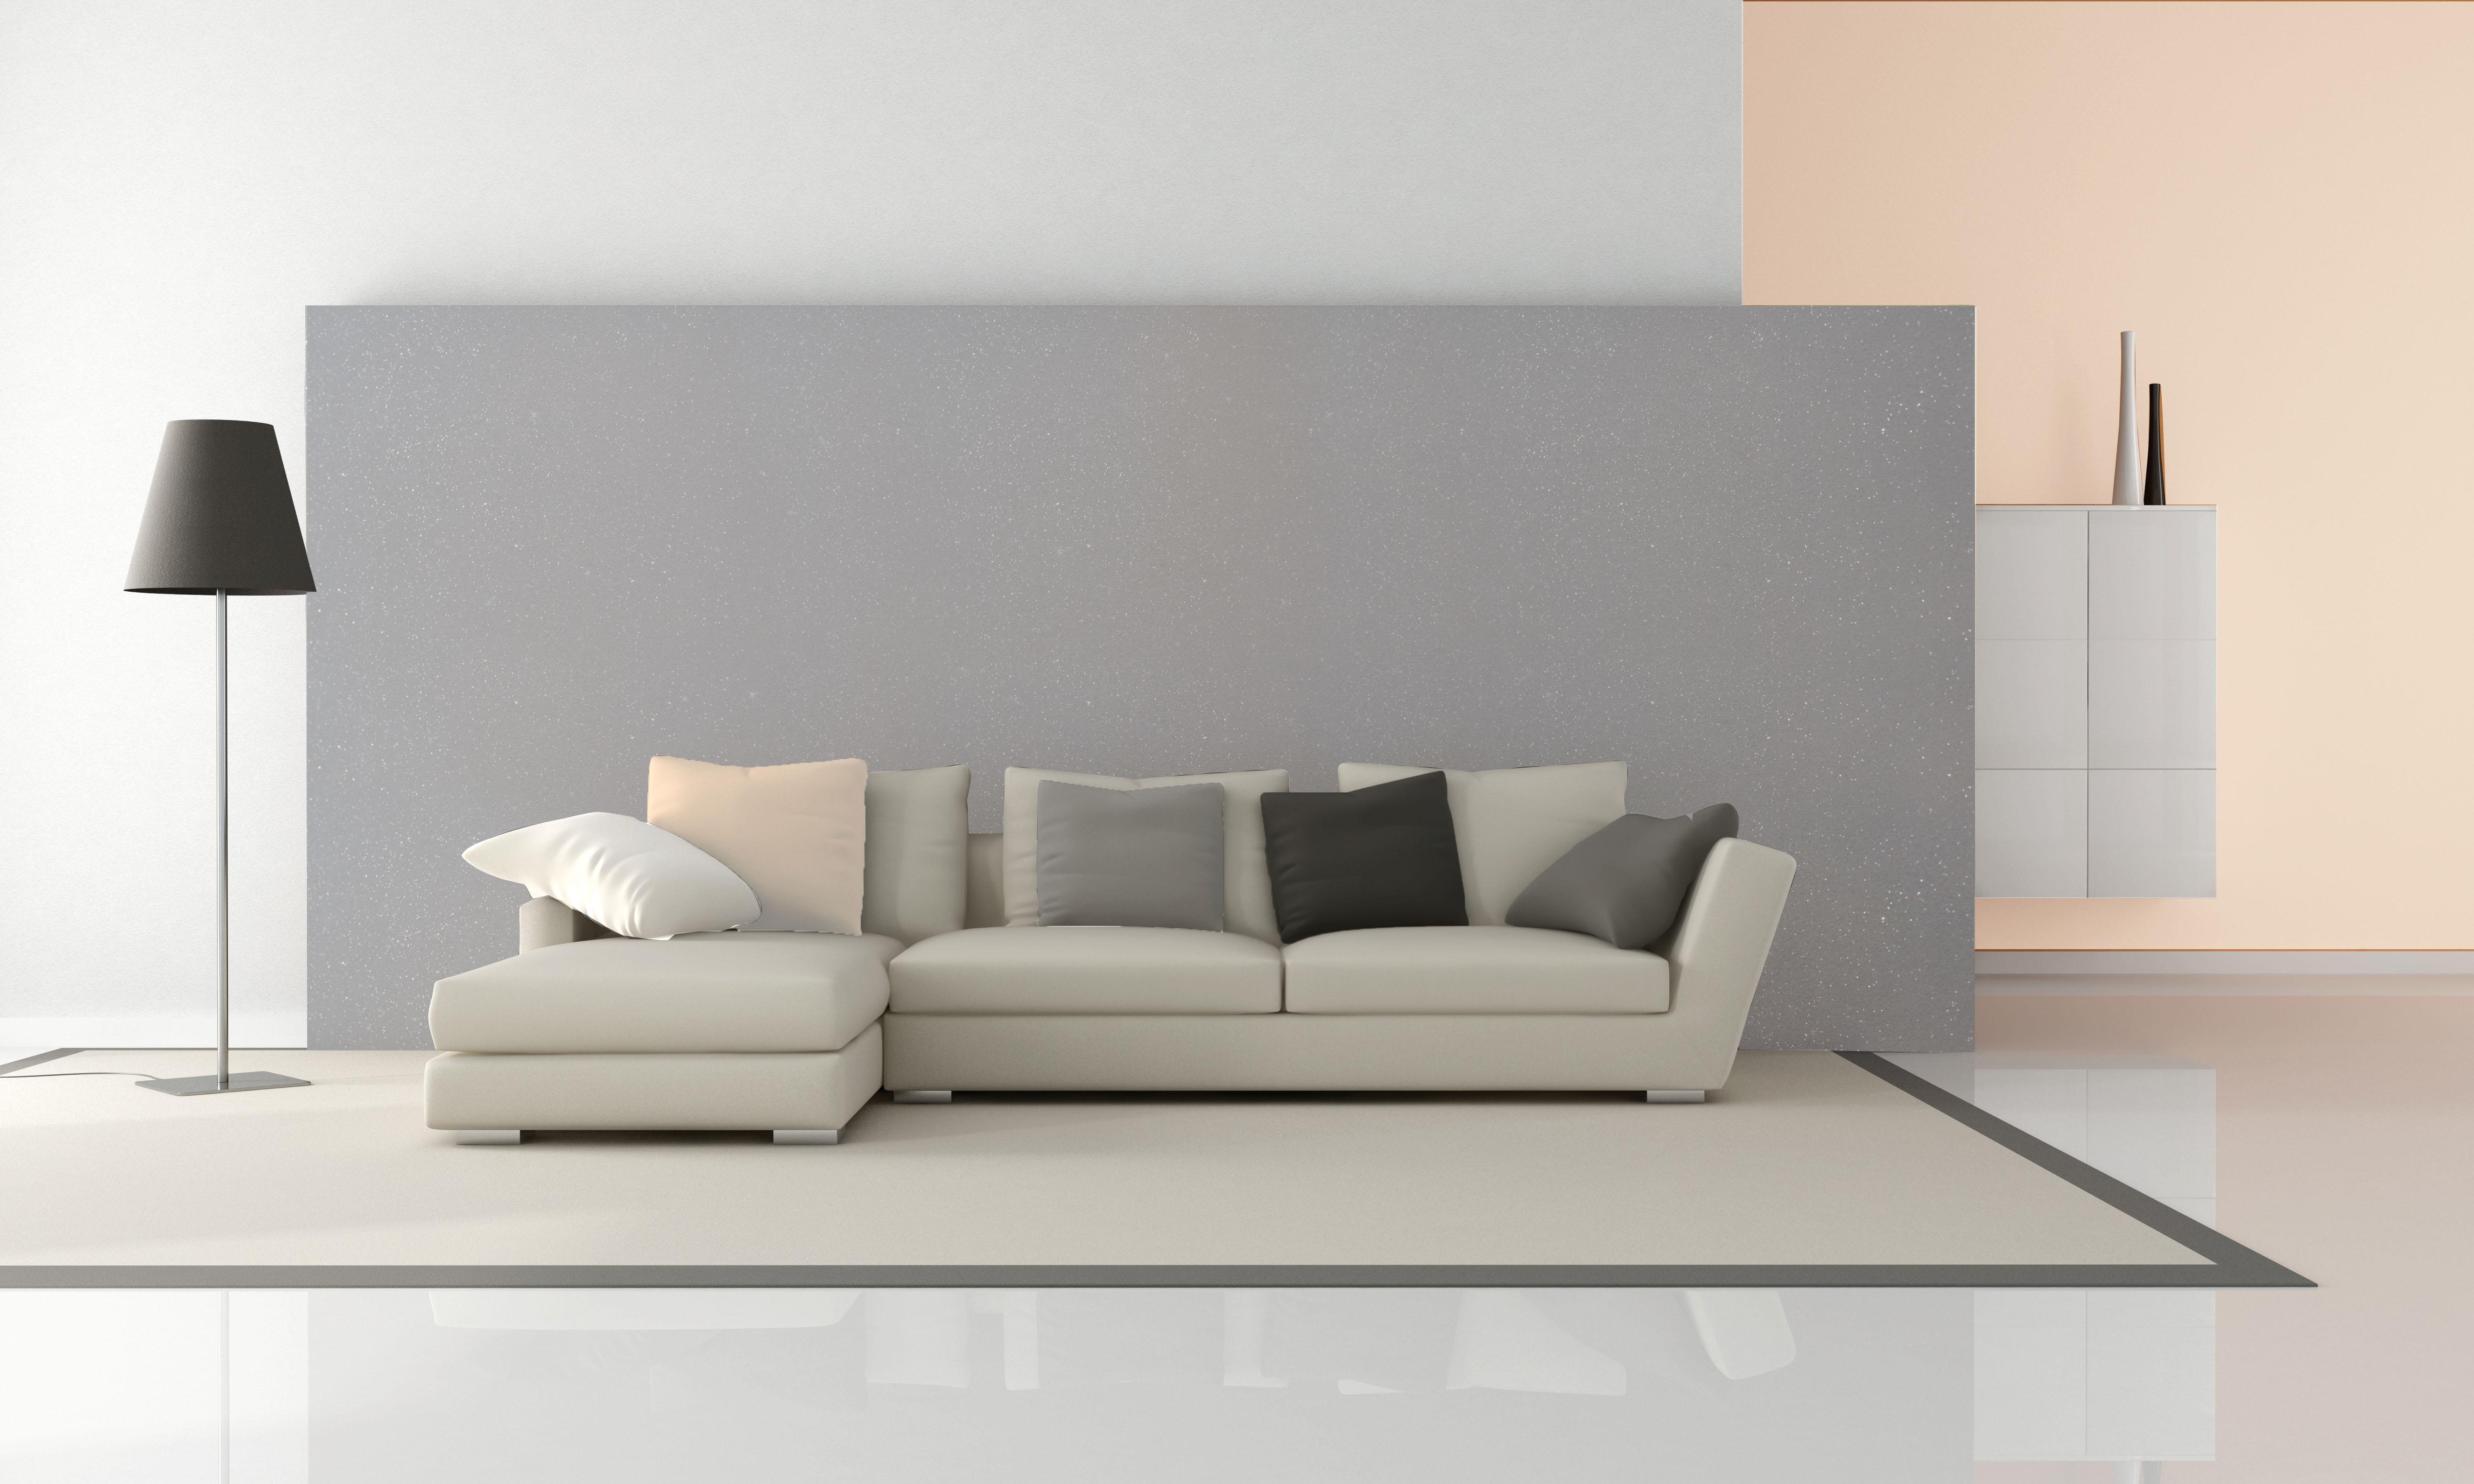 Idea Hiasan Dalaman Ruang Tamu Minimalis Yang Super Cool Dengan Set Sofa Warna Pastel